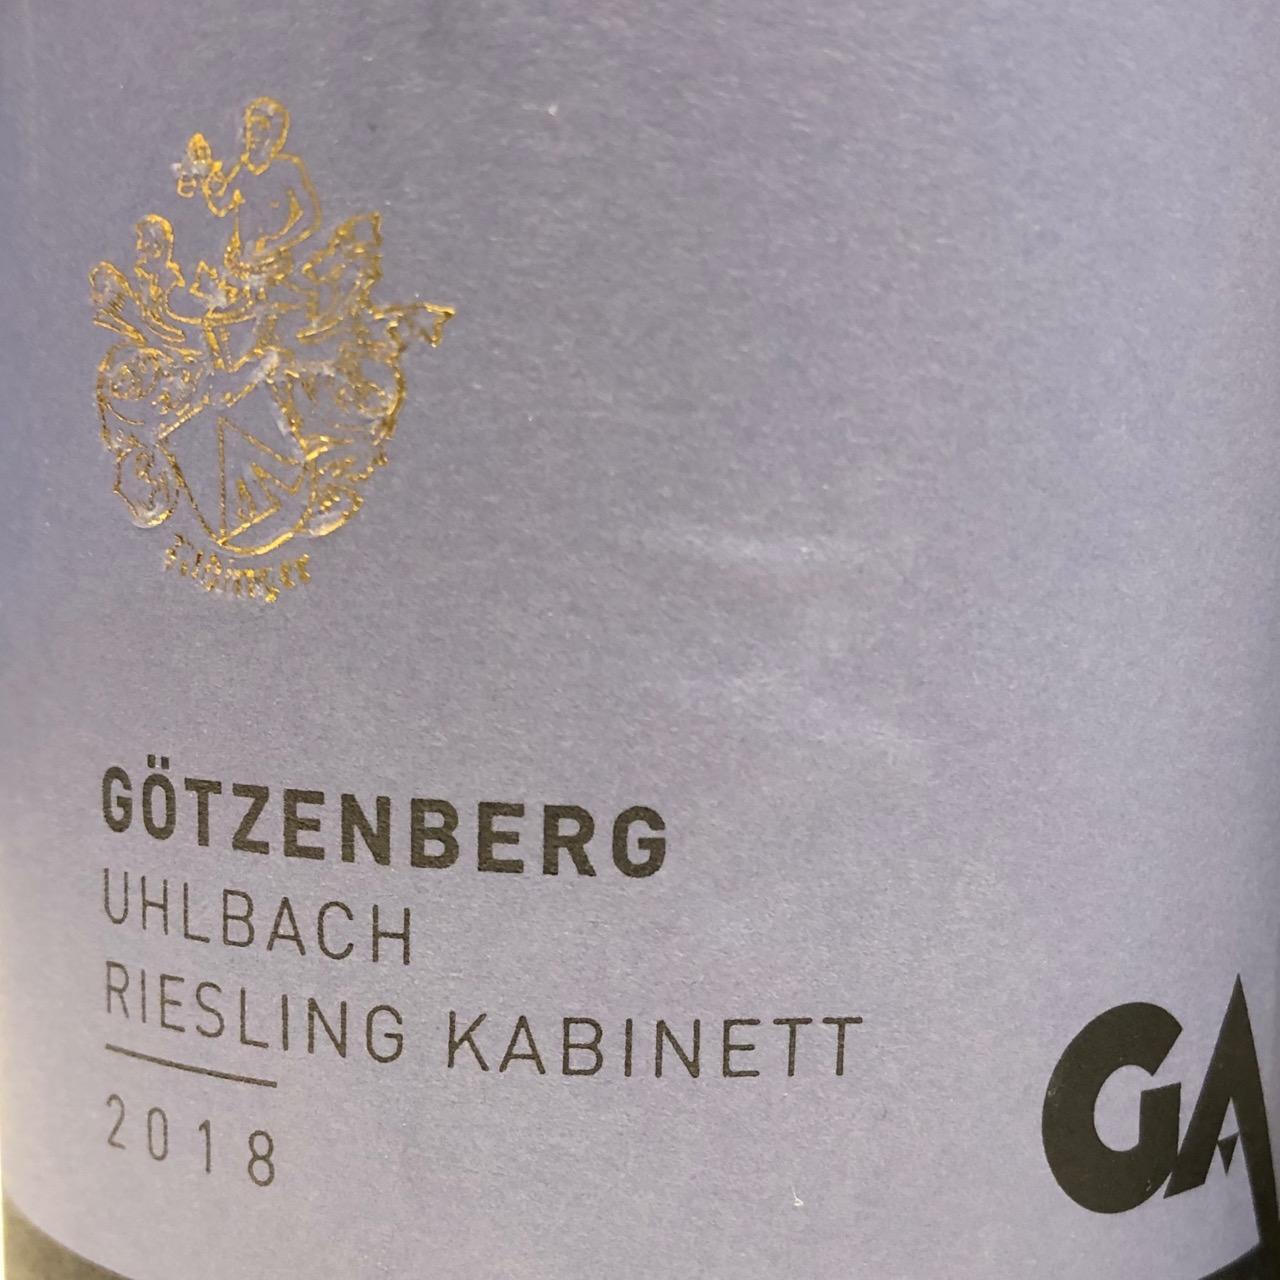 Aldinger Uhlbacher Götzenberg Riesling Kabinett Grosse Lage 2018